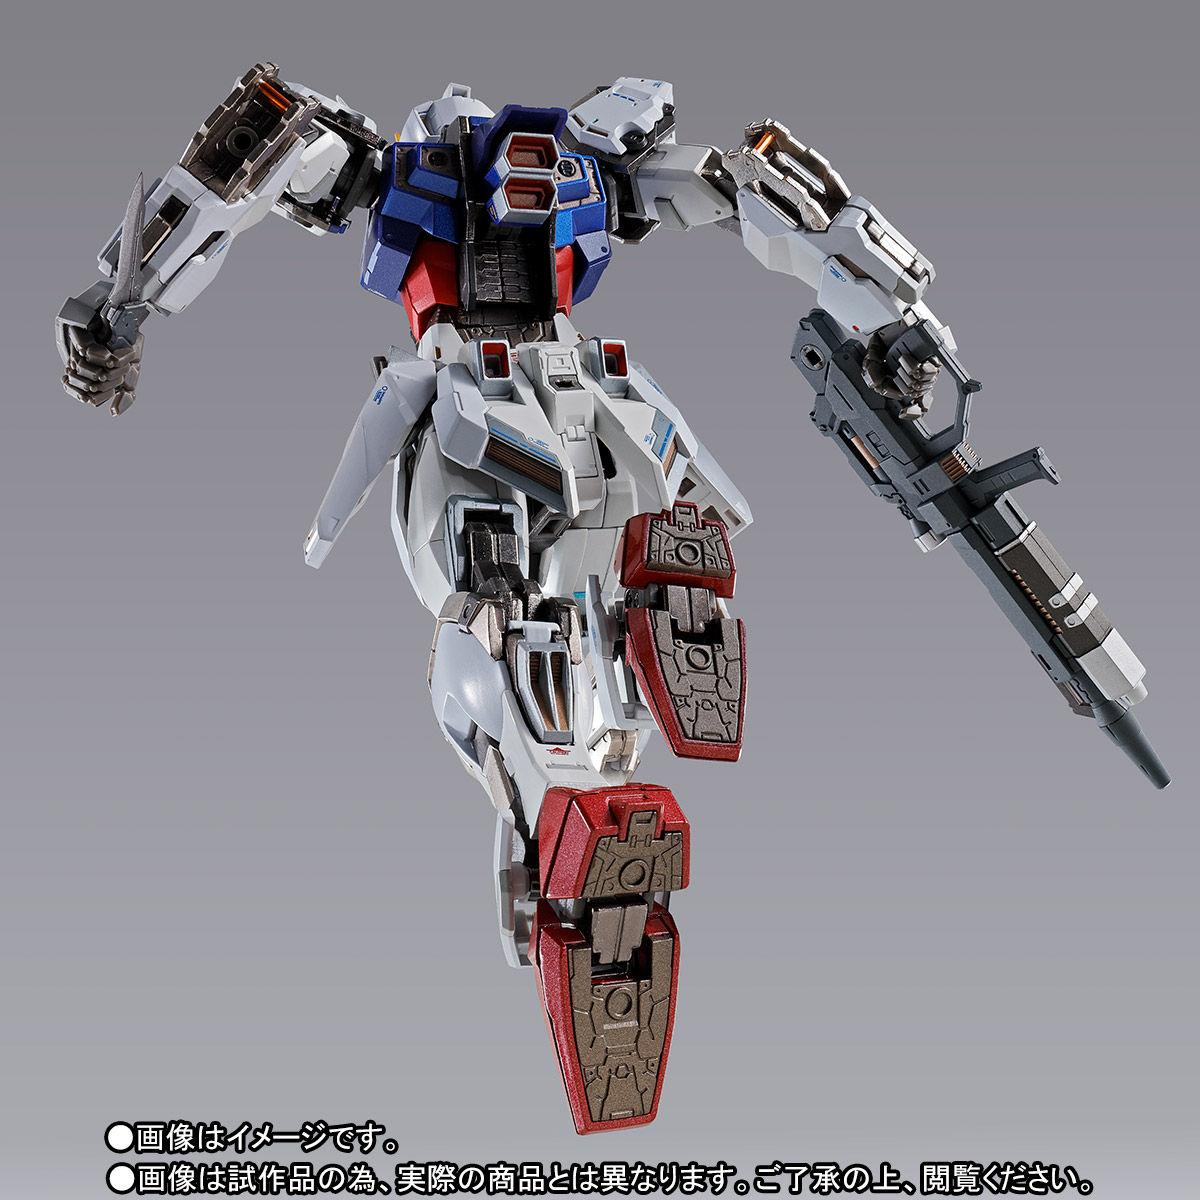 【受注販売】METAL BUILD『ストライクガンダム』機動戦士ガンダムSEED 可動フィギュア-009